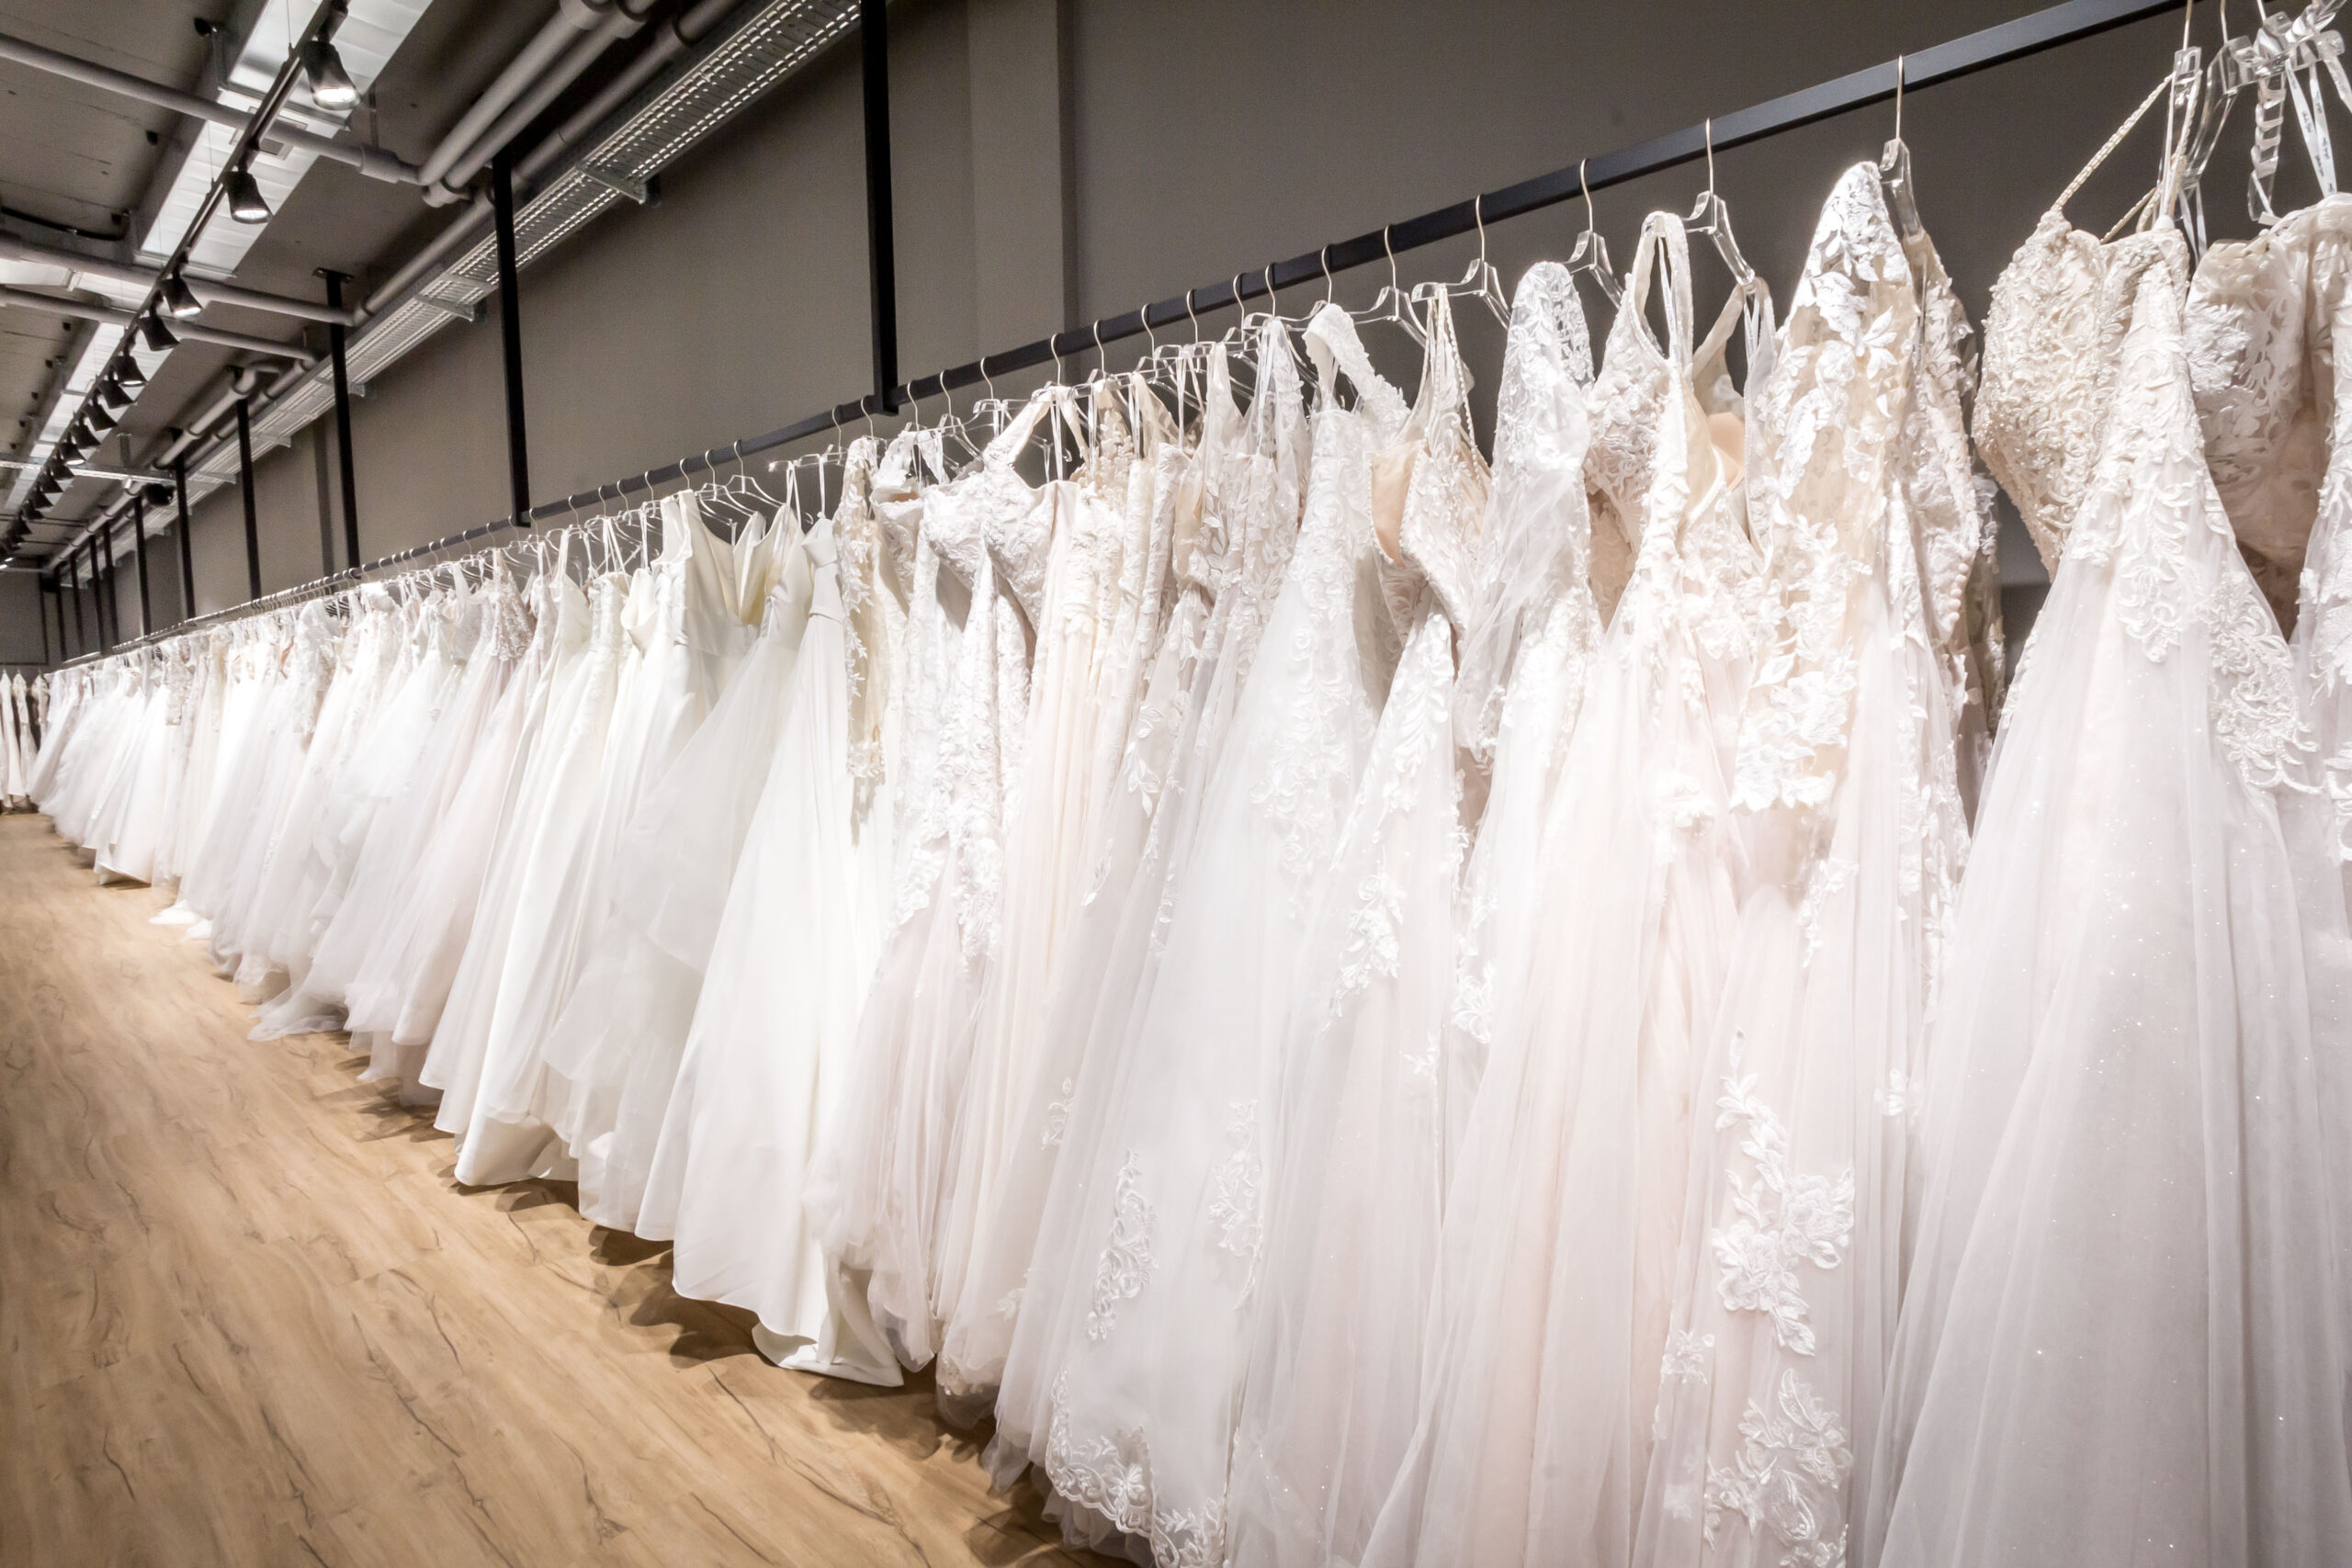 Dress Gallery at True Society - Berlin